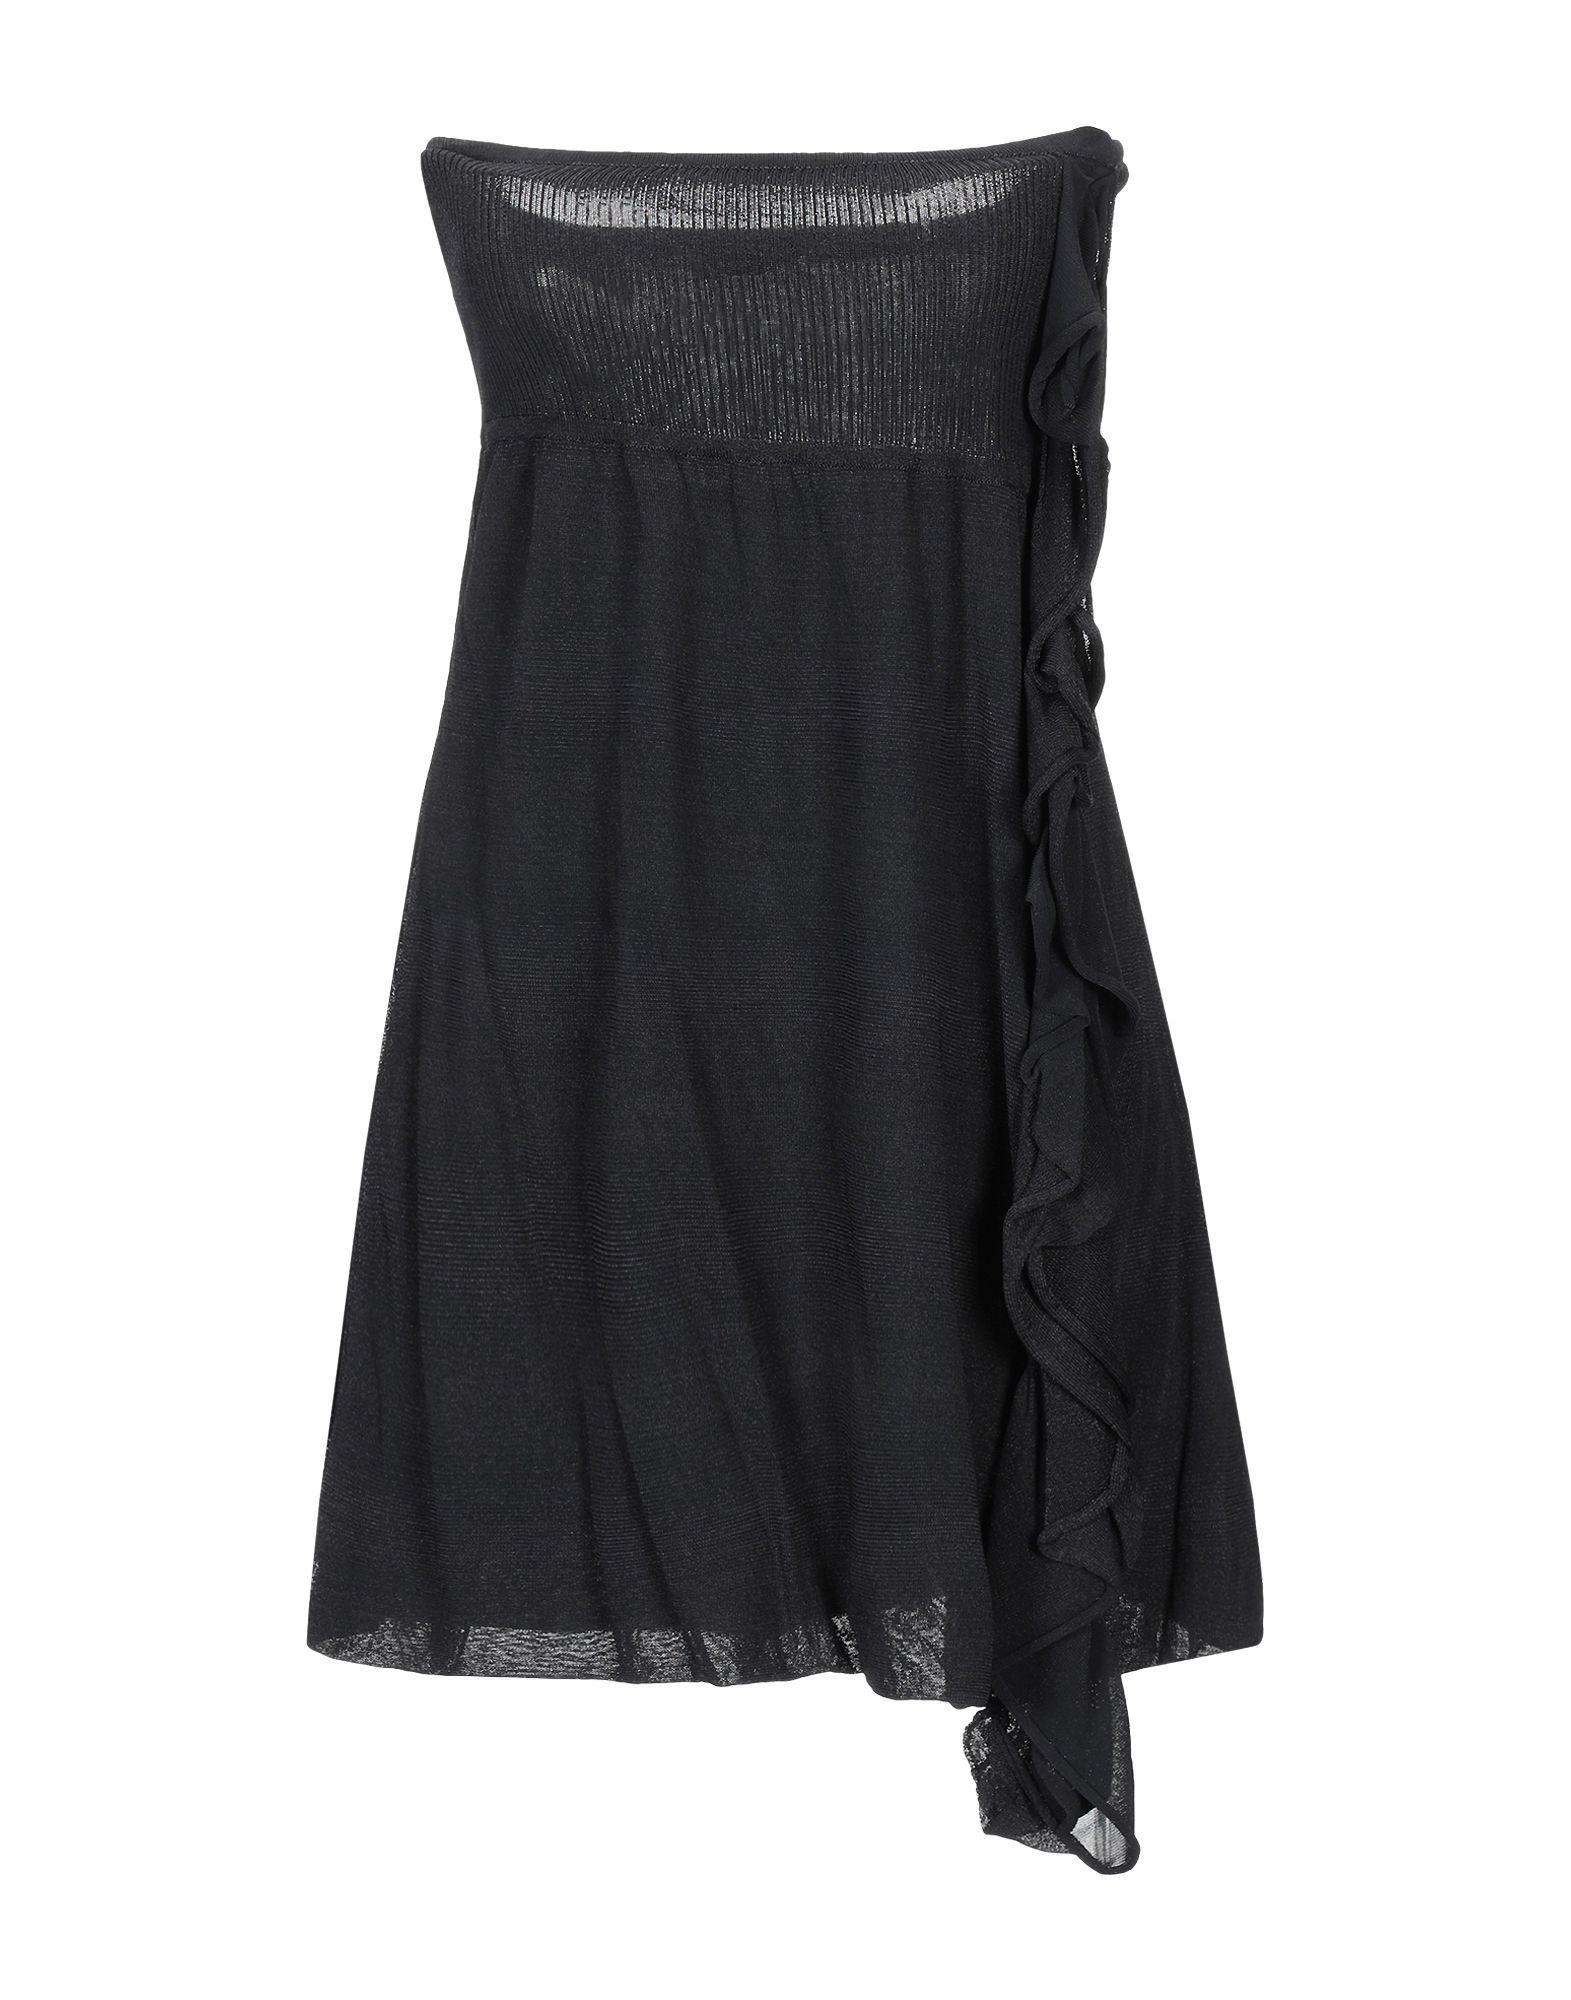 Pinko Black Knit Ruffle Dress